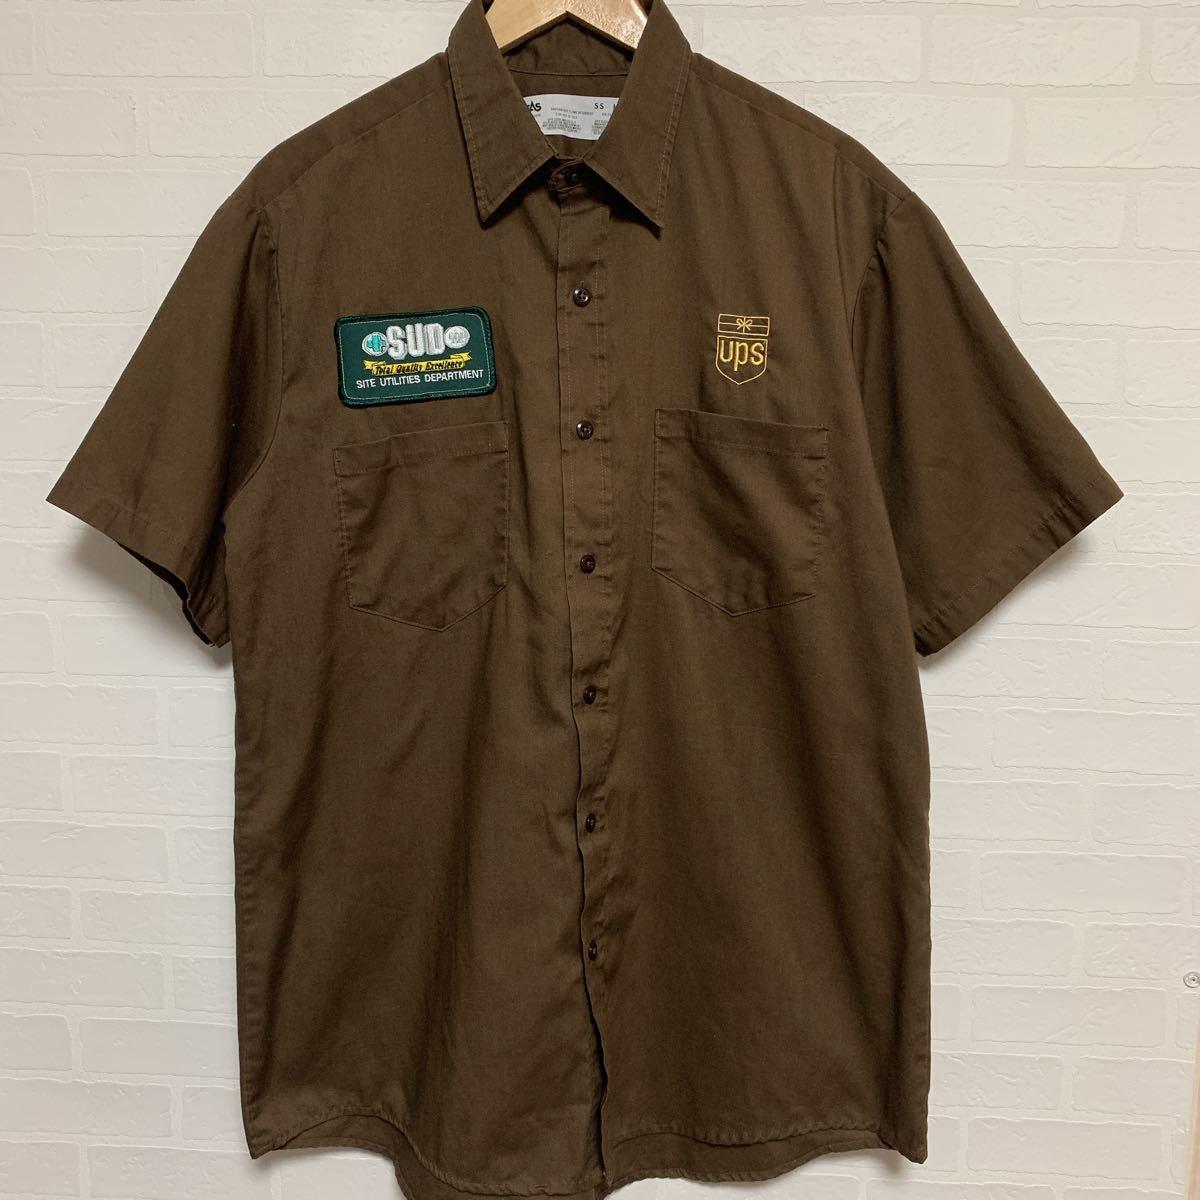 USA製 CINTAS チンタス 刺繍 ワッペン ワークシャツ ブラウン L